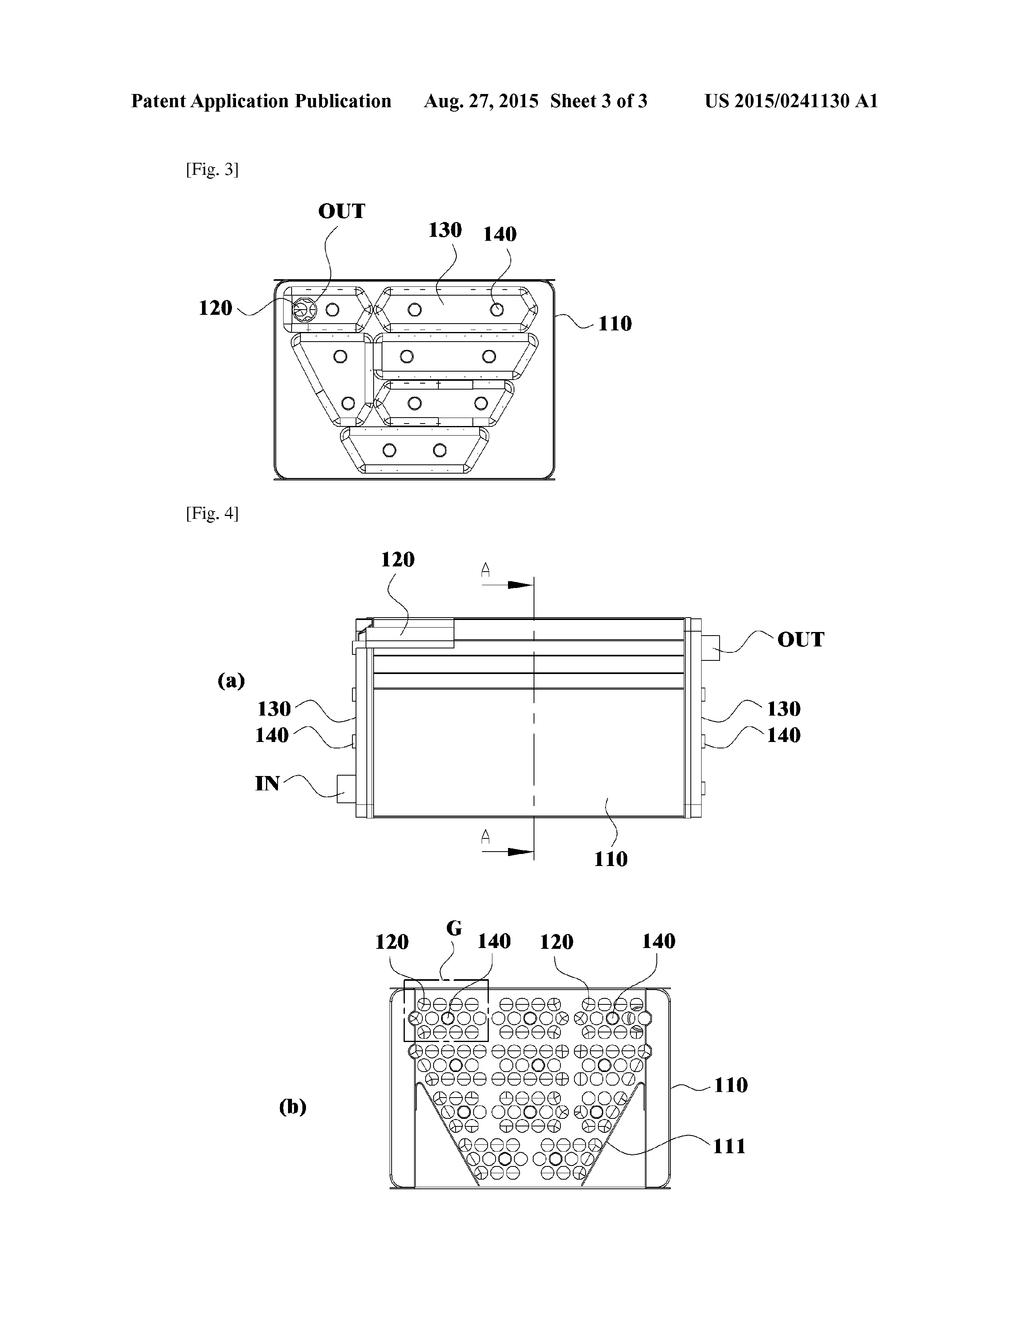 20150241130_04 condensation heat exchanger having dummy pipe diagram, schematic